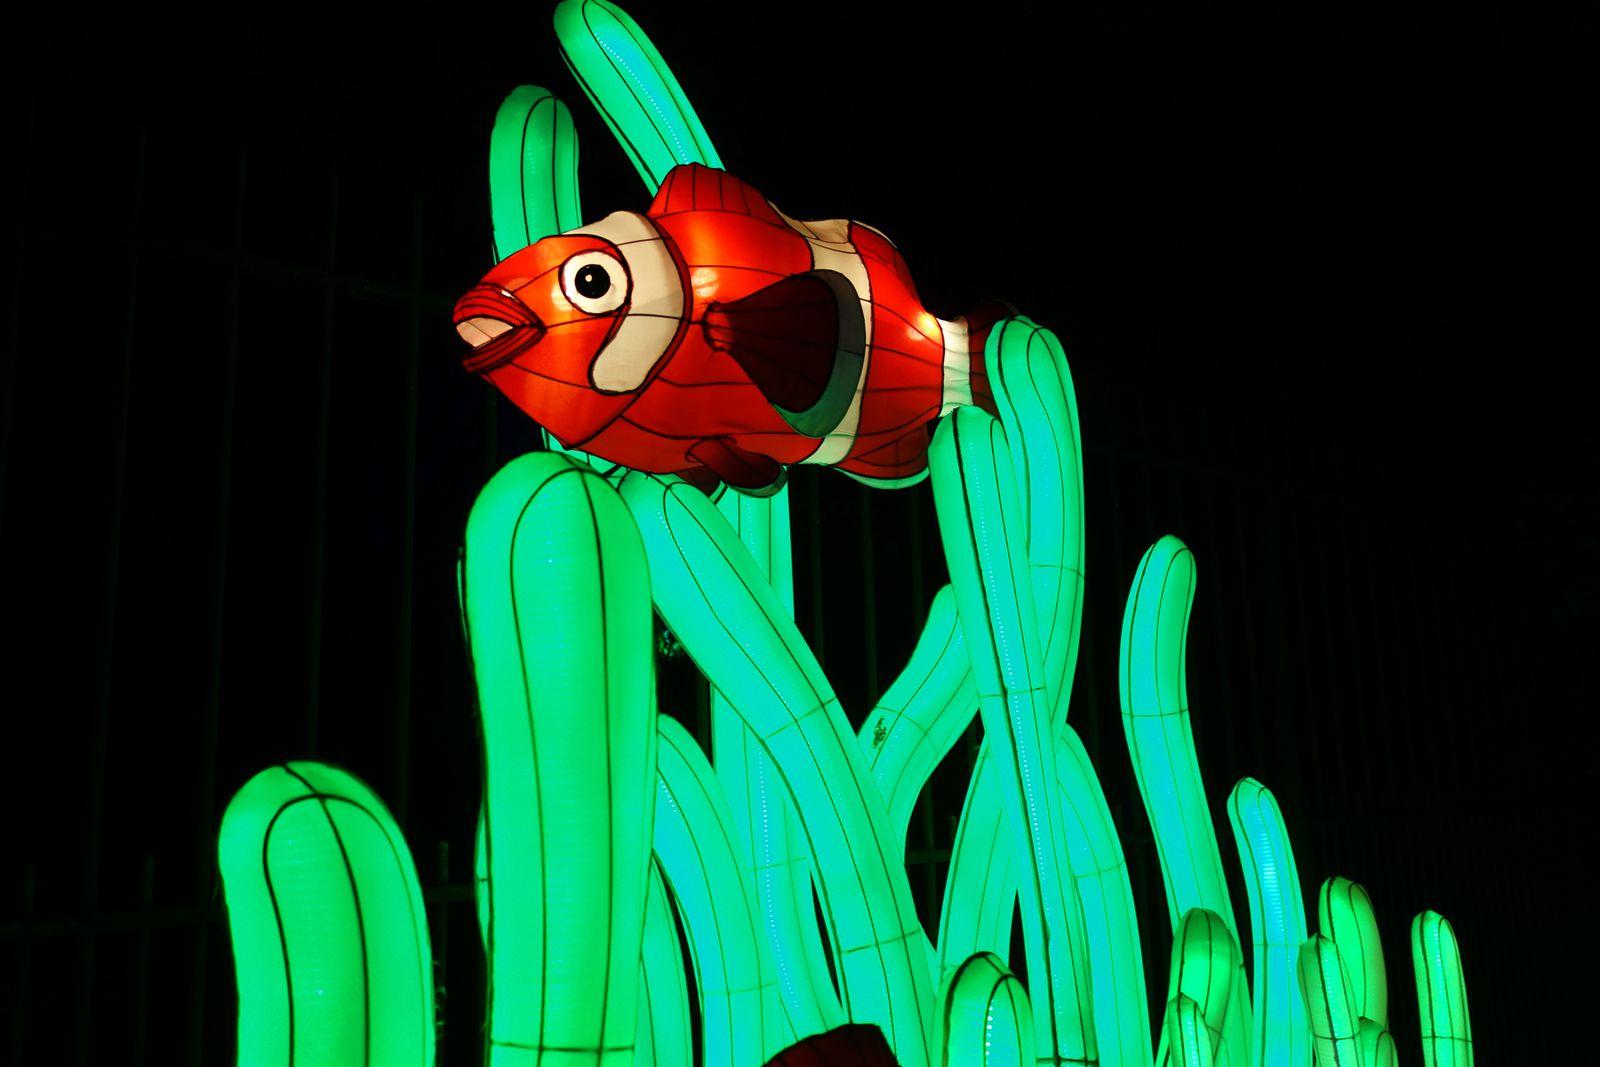 LE POISSON CLOWN à trois bandes. lI apprécie les récifs coralliens et les lagons abrités jusqu'à une profondeur de 15m. Il peut vivre en association avec trois espèces d'anémones. Ils se nourrit d'algues et de petits crustacés.